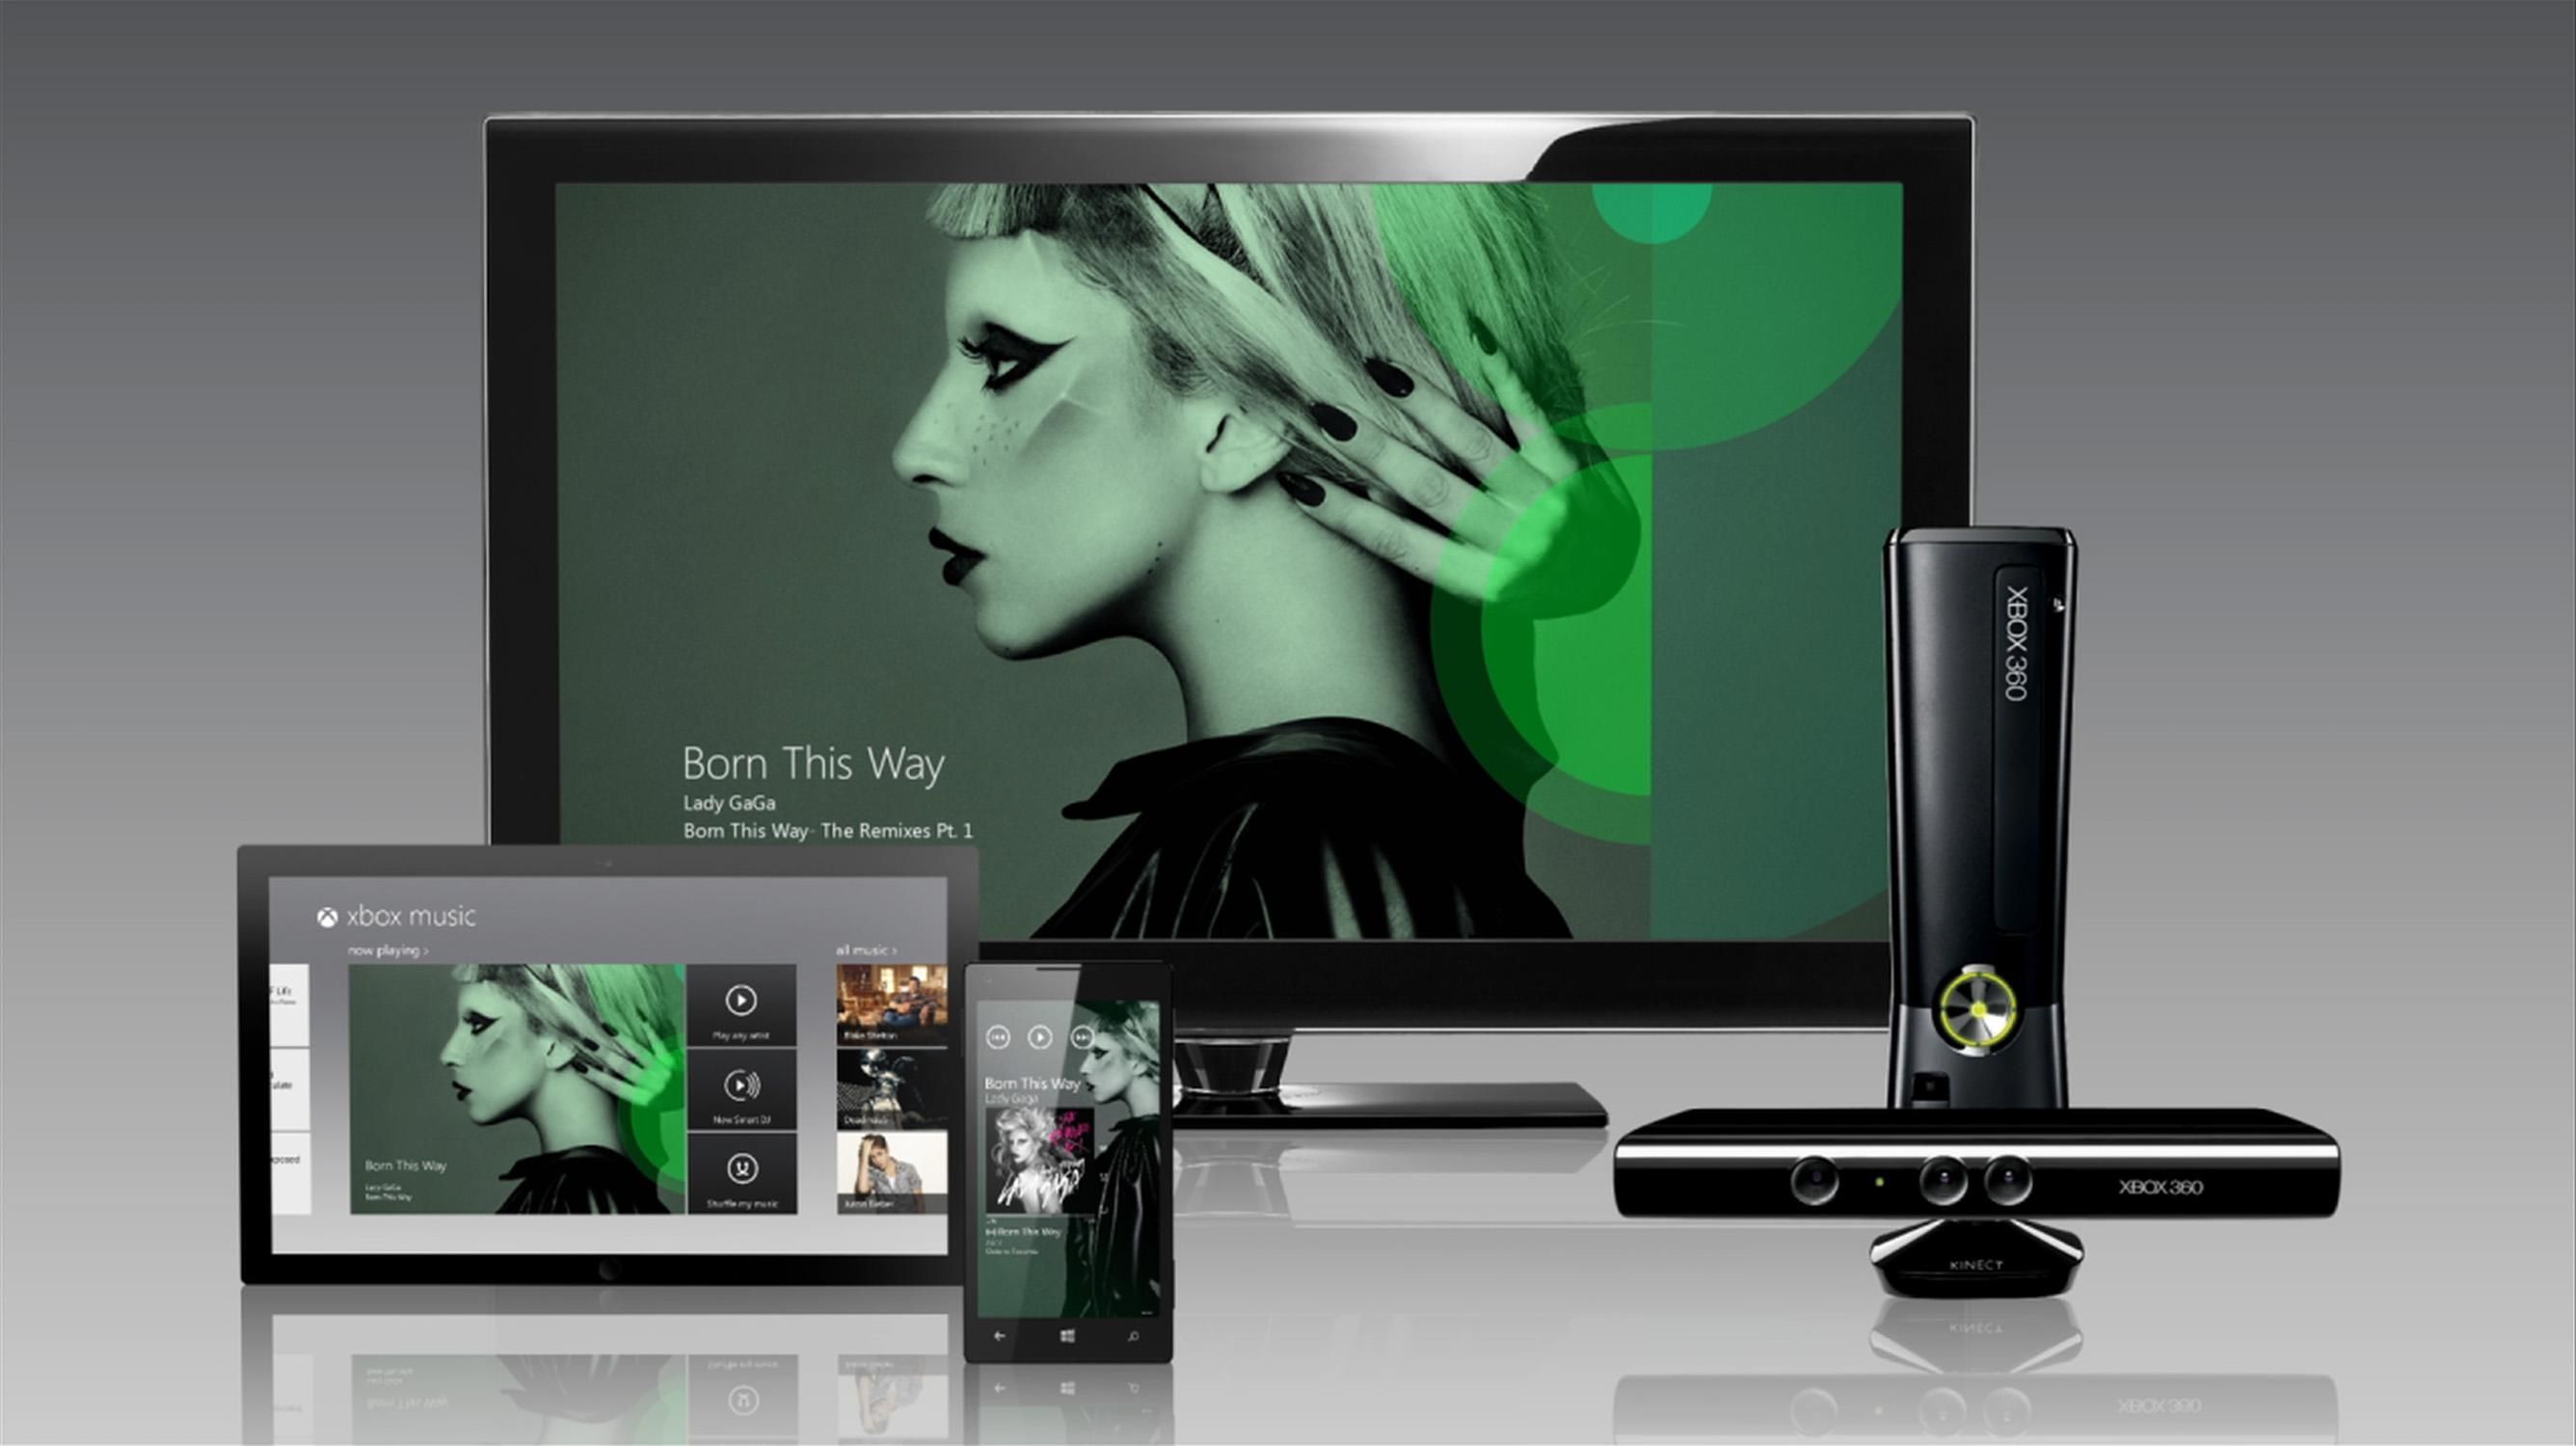 Imagen promocional de Xbox Music y su sincronización entre dispositivos